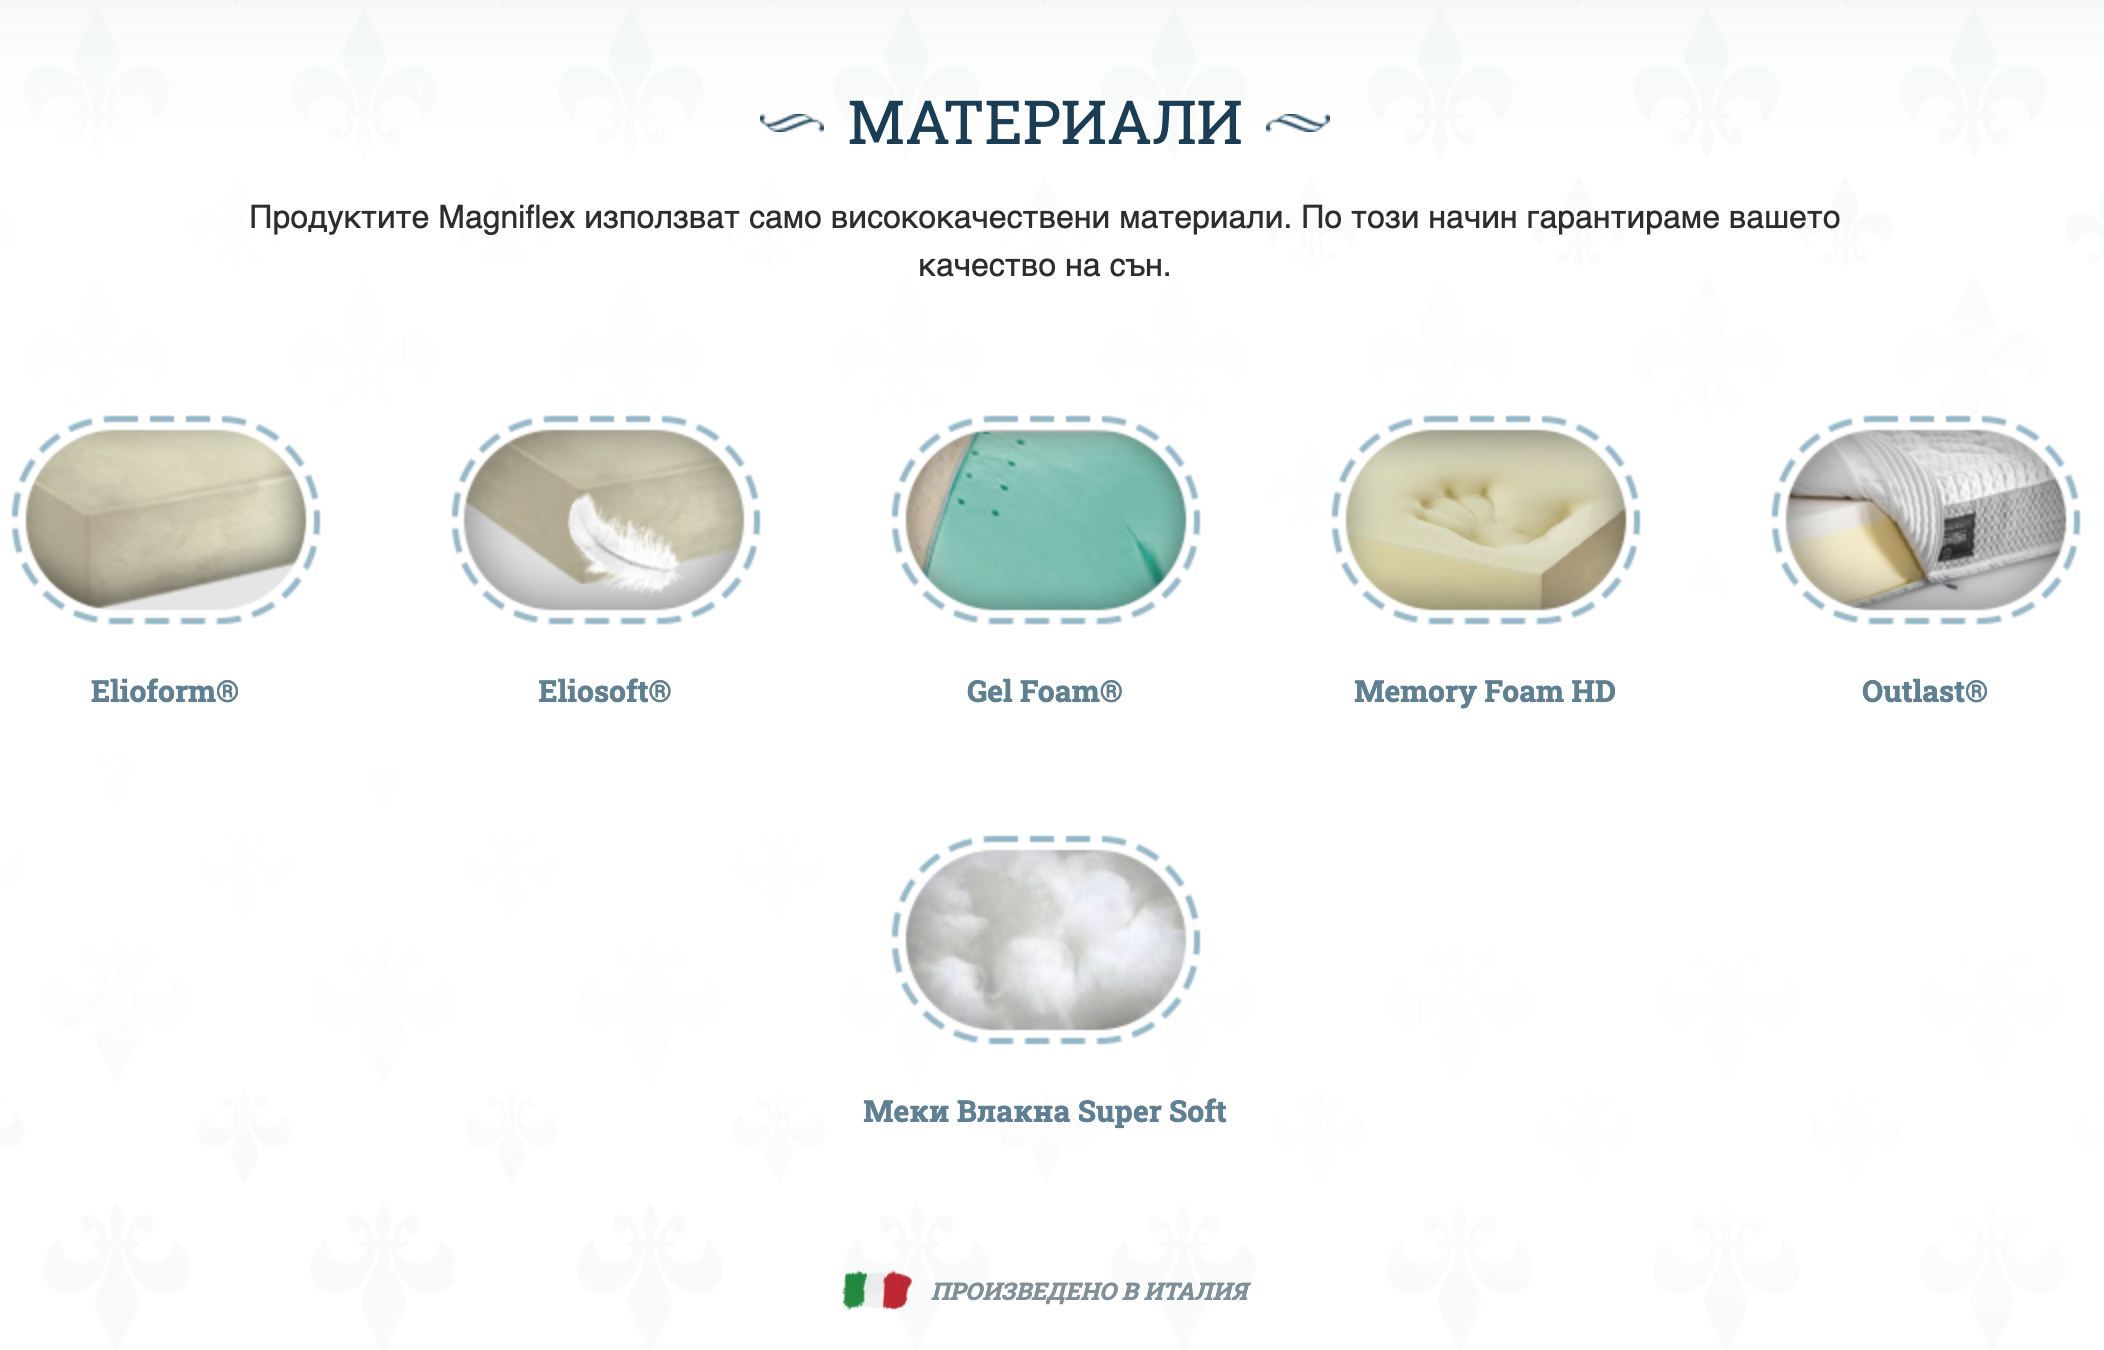 Элитные матрасы Magniflex Diamante Dual